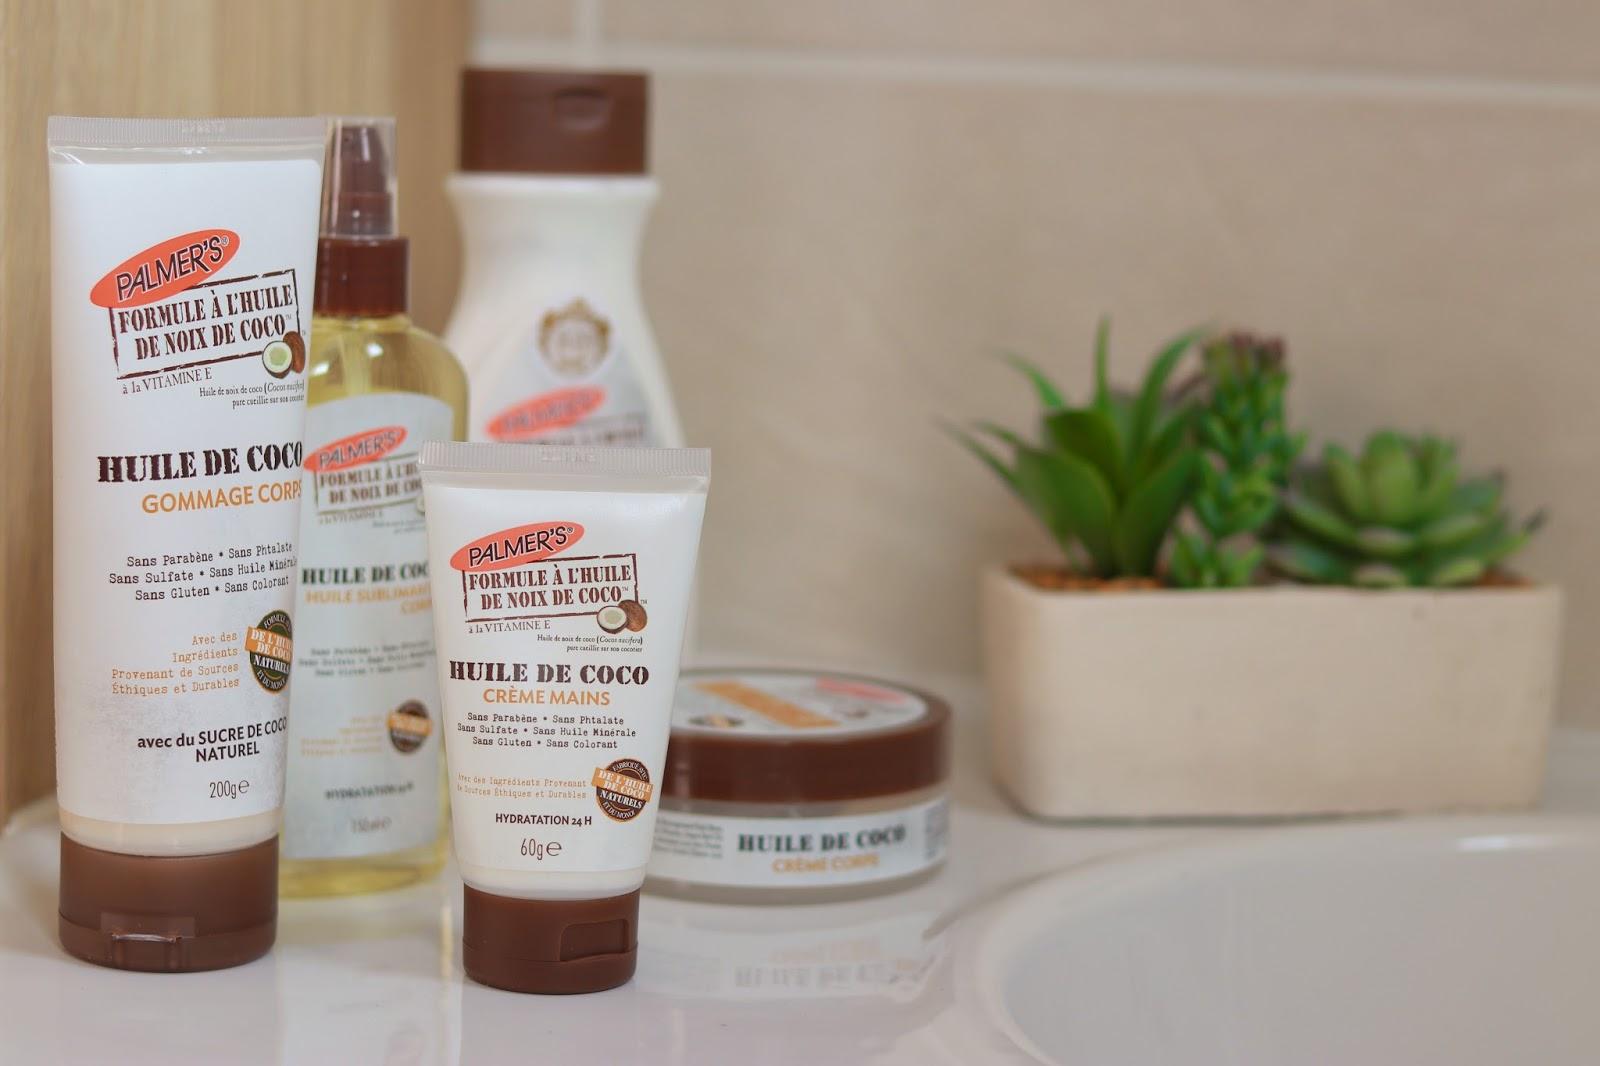 palmers palmer's huile de noix de coco gamme beaute sans parabene avis positif victoires de la beauté les gommettes de melo shampooing lait hydratant